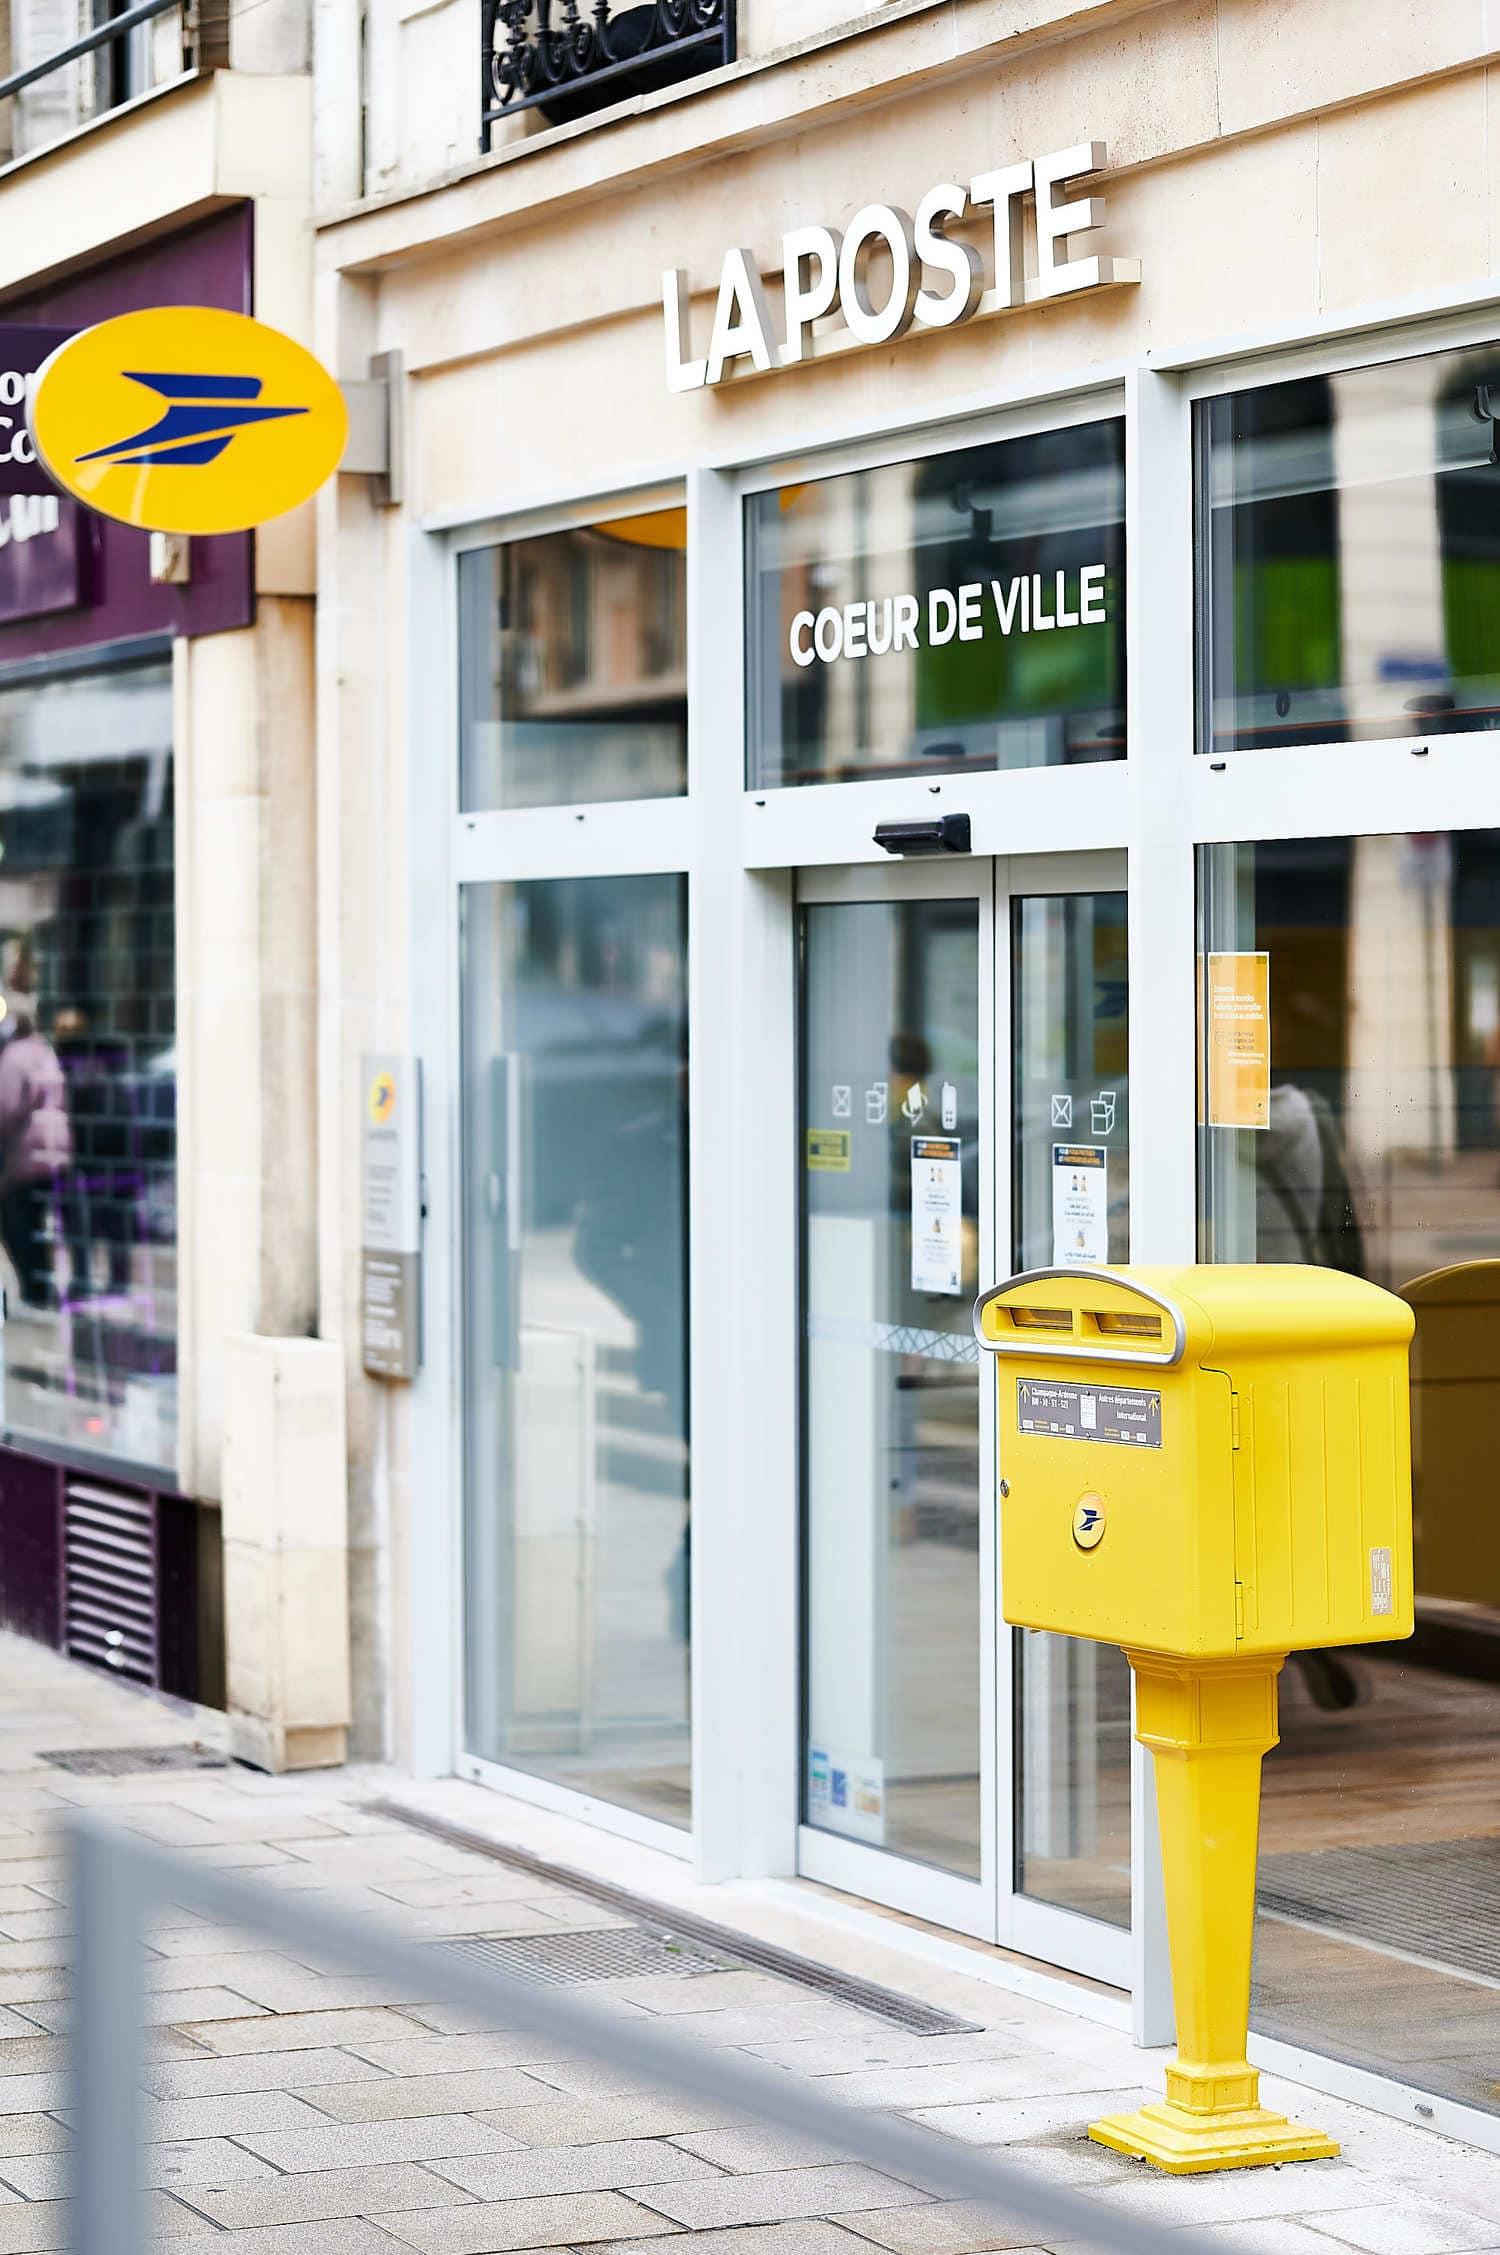 Bureau de poste coeur de ville Reims